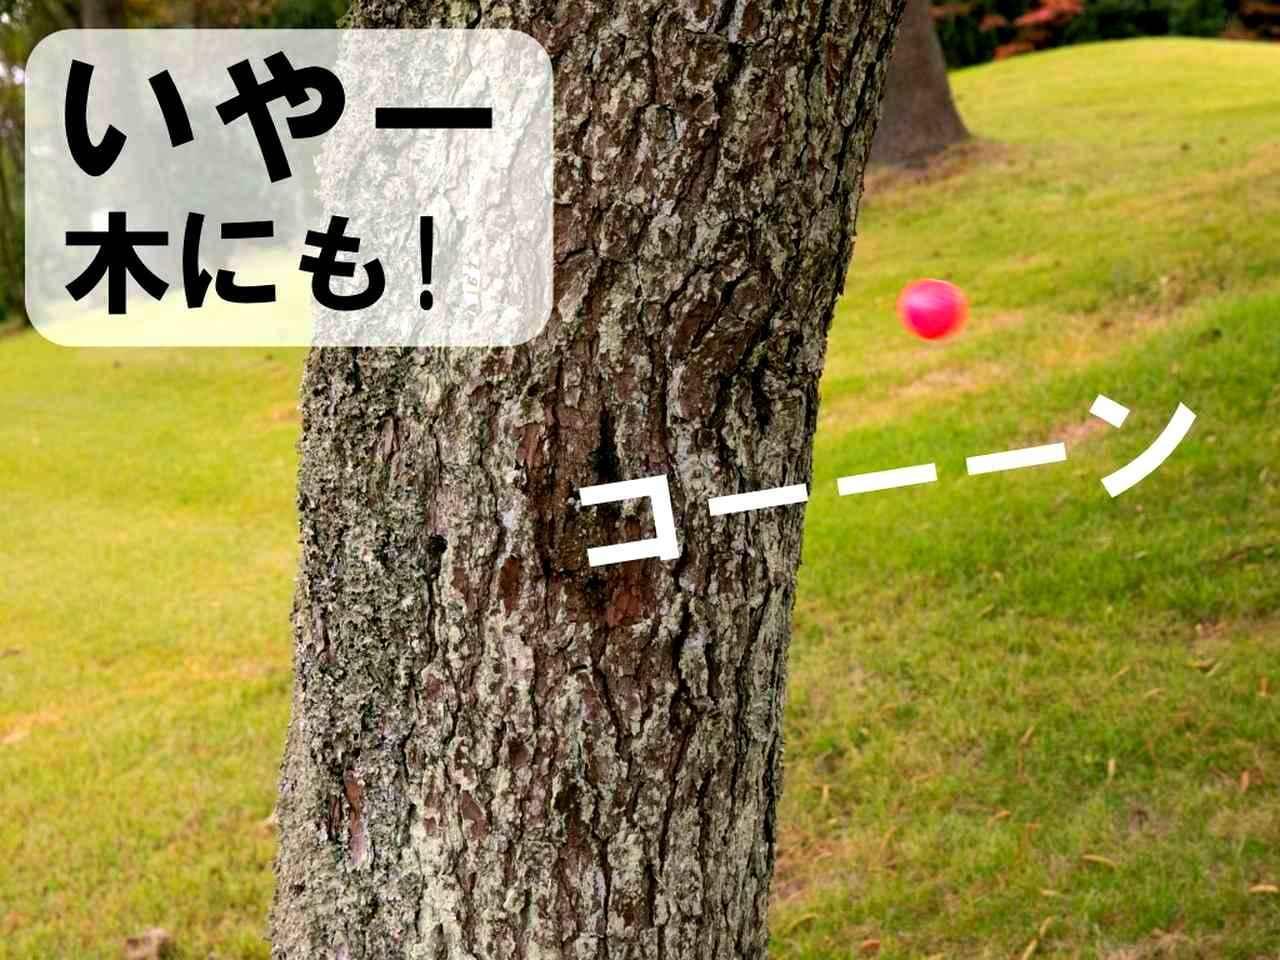 画像3: 【ルール】2度打ちした球が体にも当たった! これって何打罰になる?